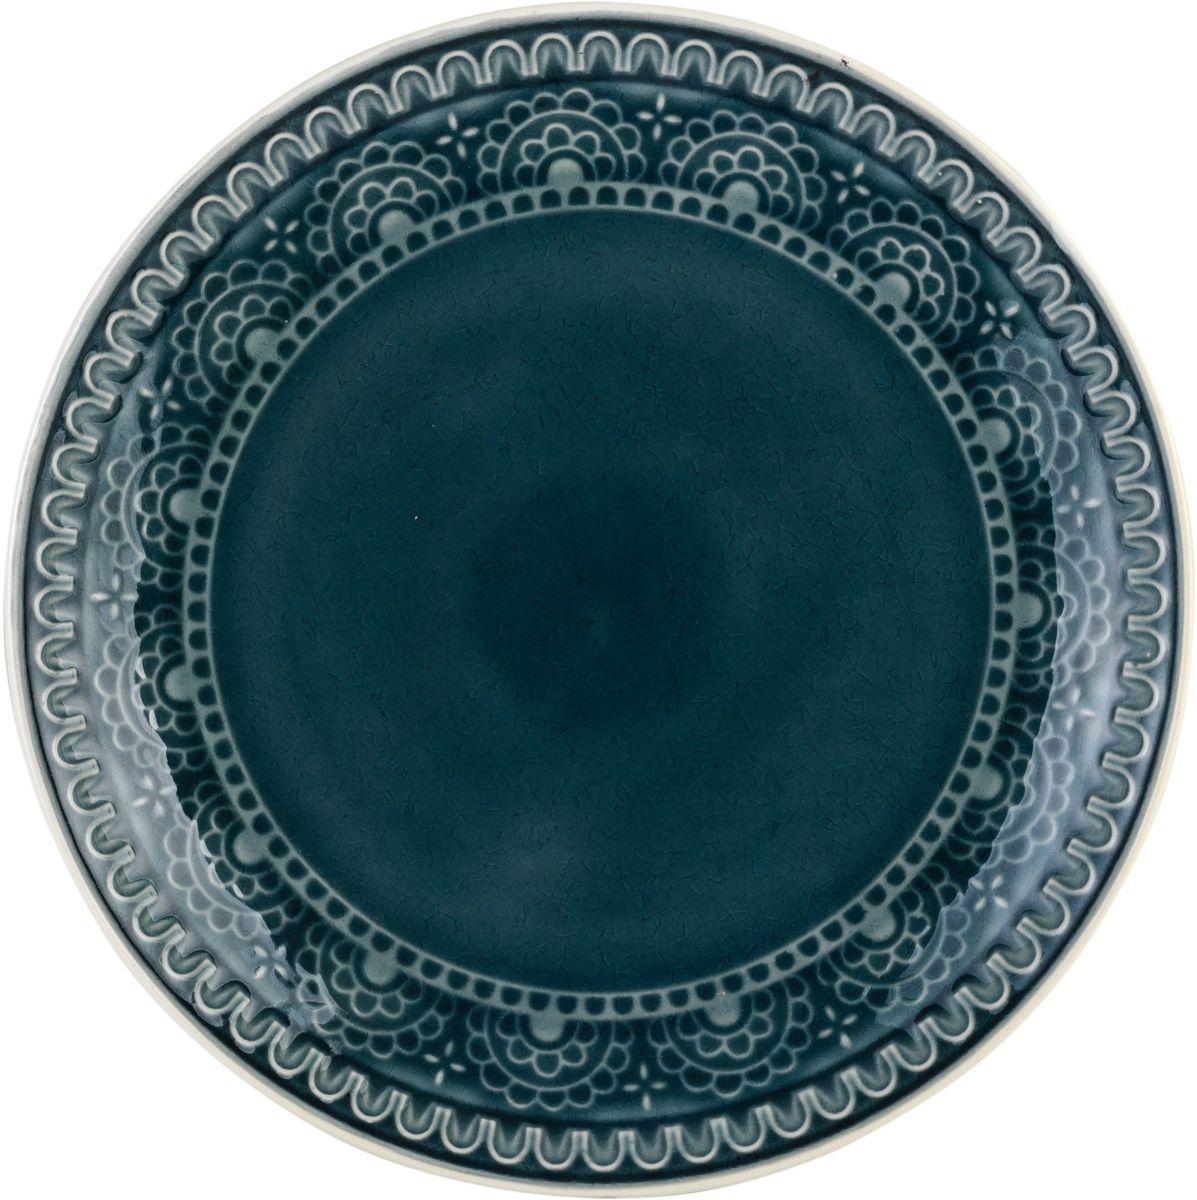 Набор обеденных тарелок Tongo, цвет: темно-серый, диаметр 26,7 см, 4 шт54 009312Набор Tongo состоит из 4 обеденных тарелок. Изделия изготовлены из экологически чистой каменной керамики, покрытой сверкающей глазурью и оформлены этническим рельефным орнаментом Индонезии. Поверхность слегка потрескавшаяся, что придает посуде винтажный вид и оттенок старины.Такой набор прекрасно подходит как для торжественных случаев, так и для повседневного использования. Идеальны для подачи вторых блюд. Тарелки прекрасно оформят стол и станут отличным дополнением к вашей коллекции кухонной посуды.